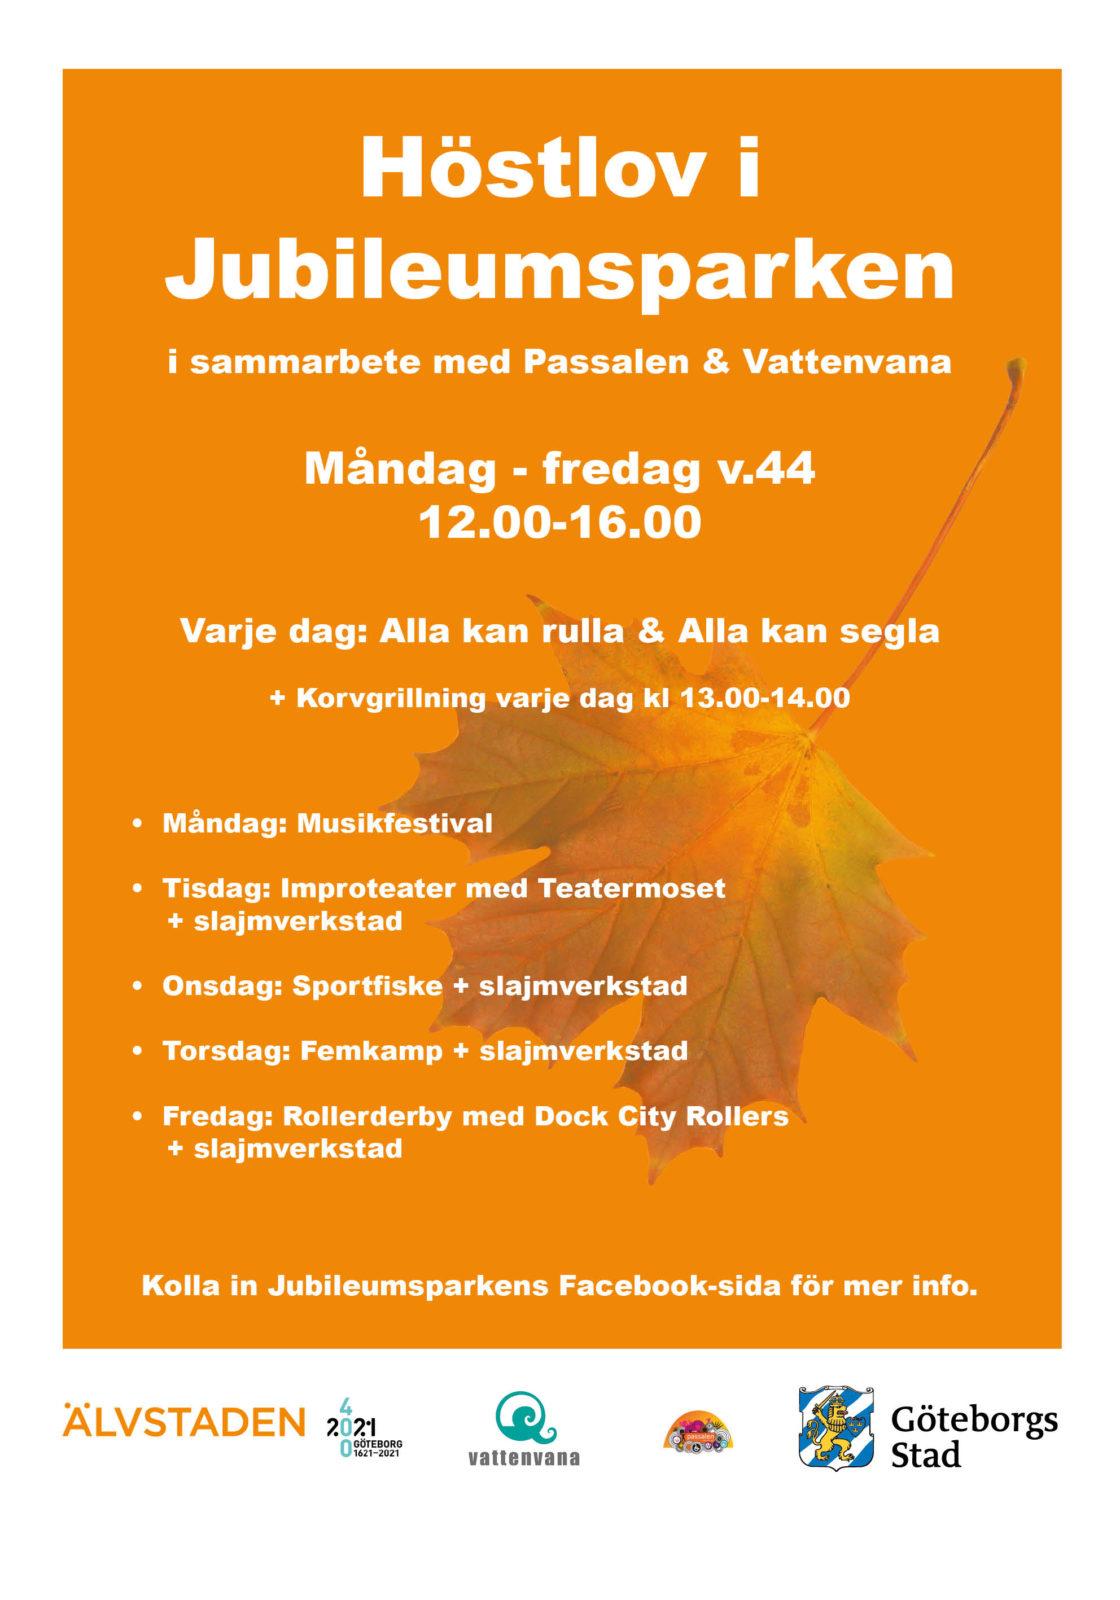 Höstlov affisch Jubileumsparken 2018